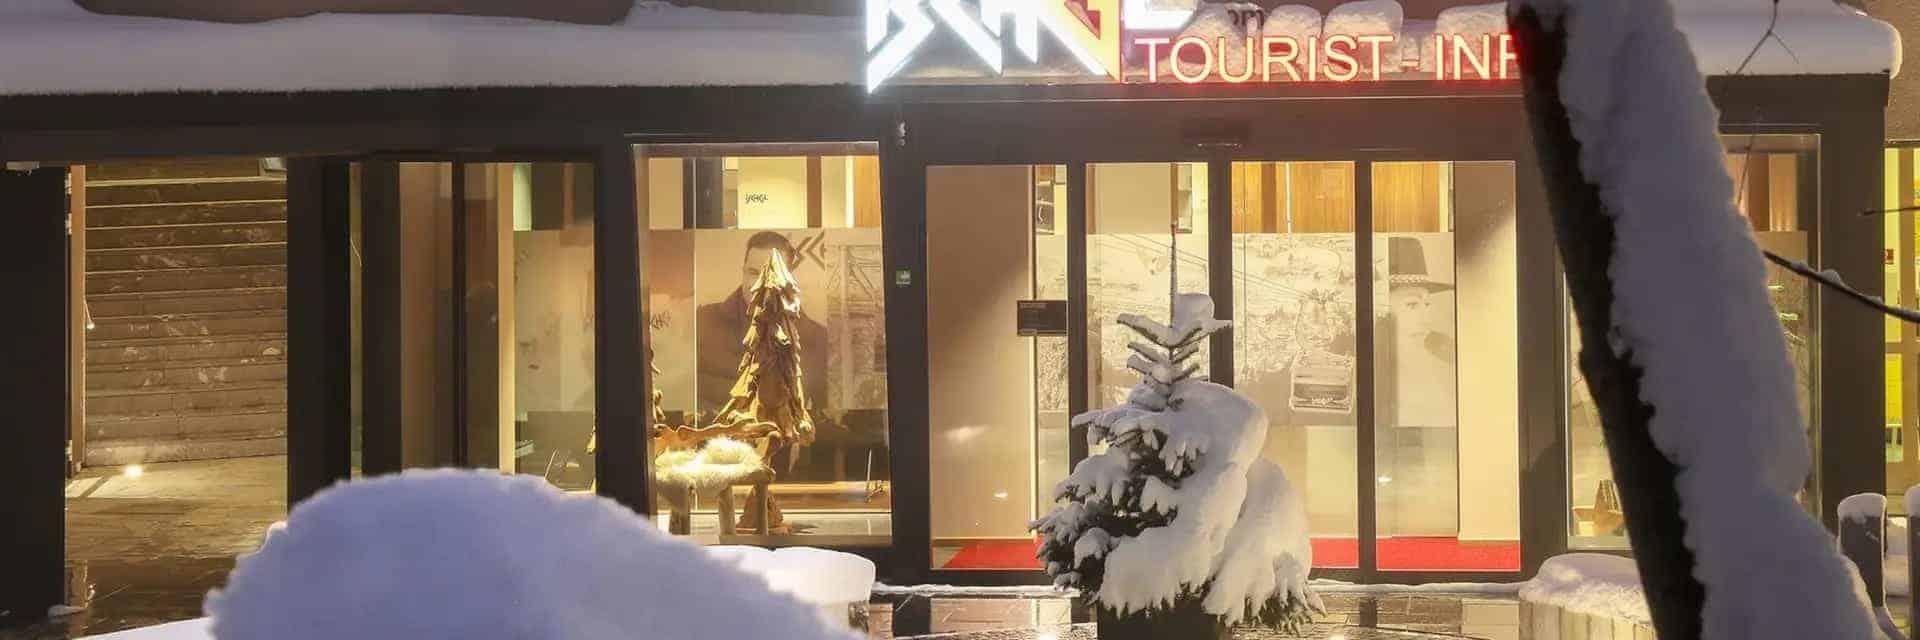 Ischgl tourist kontor